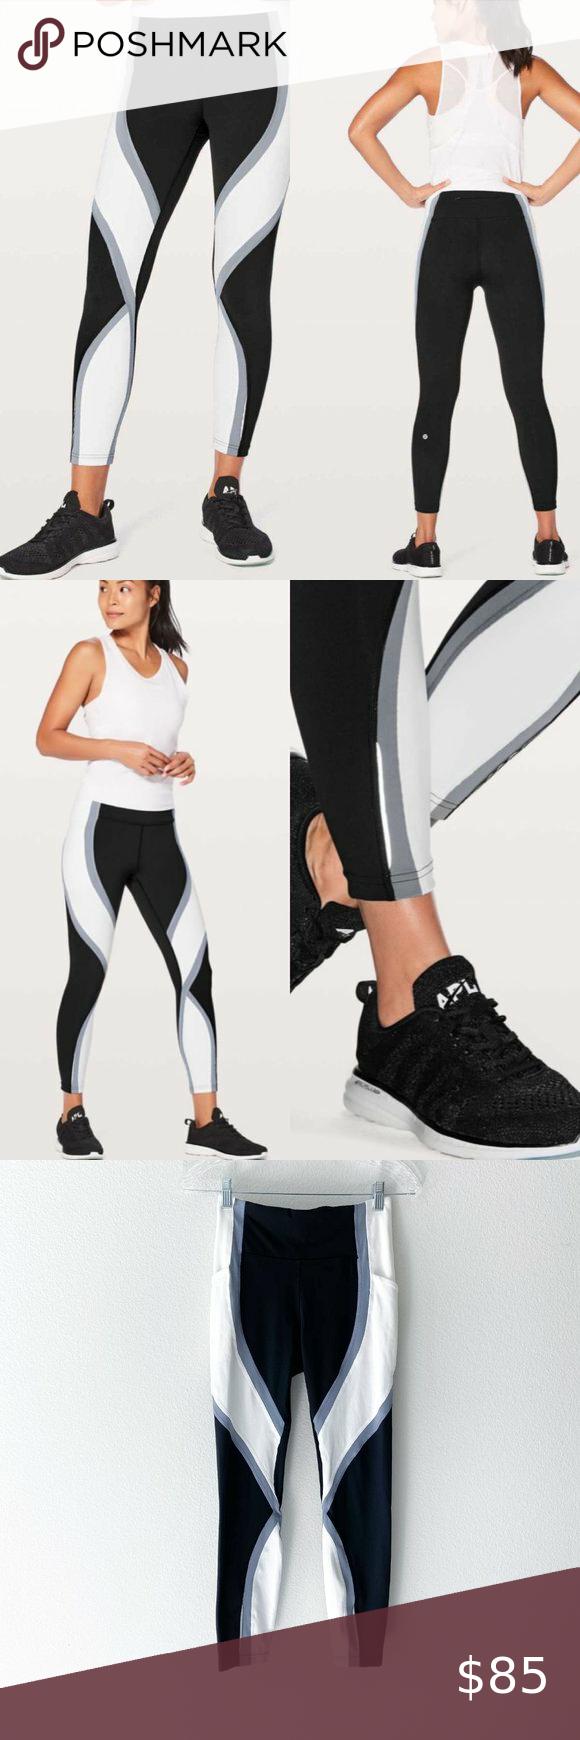 Lululemon Wild Twist 7 8 Tight Leggings Black 25 Lululemon Women S Sz 4 Wild Twist 7 8 Leggings Black Magnet Grey White In 2020 Black Leggings Tight Leggings Tights